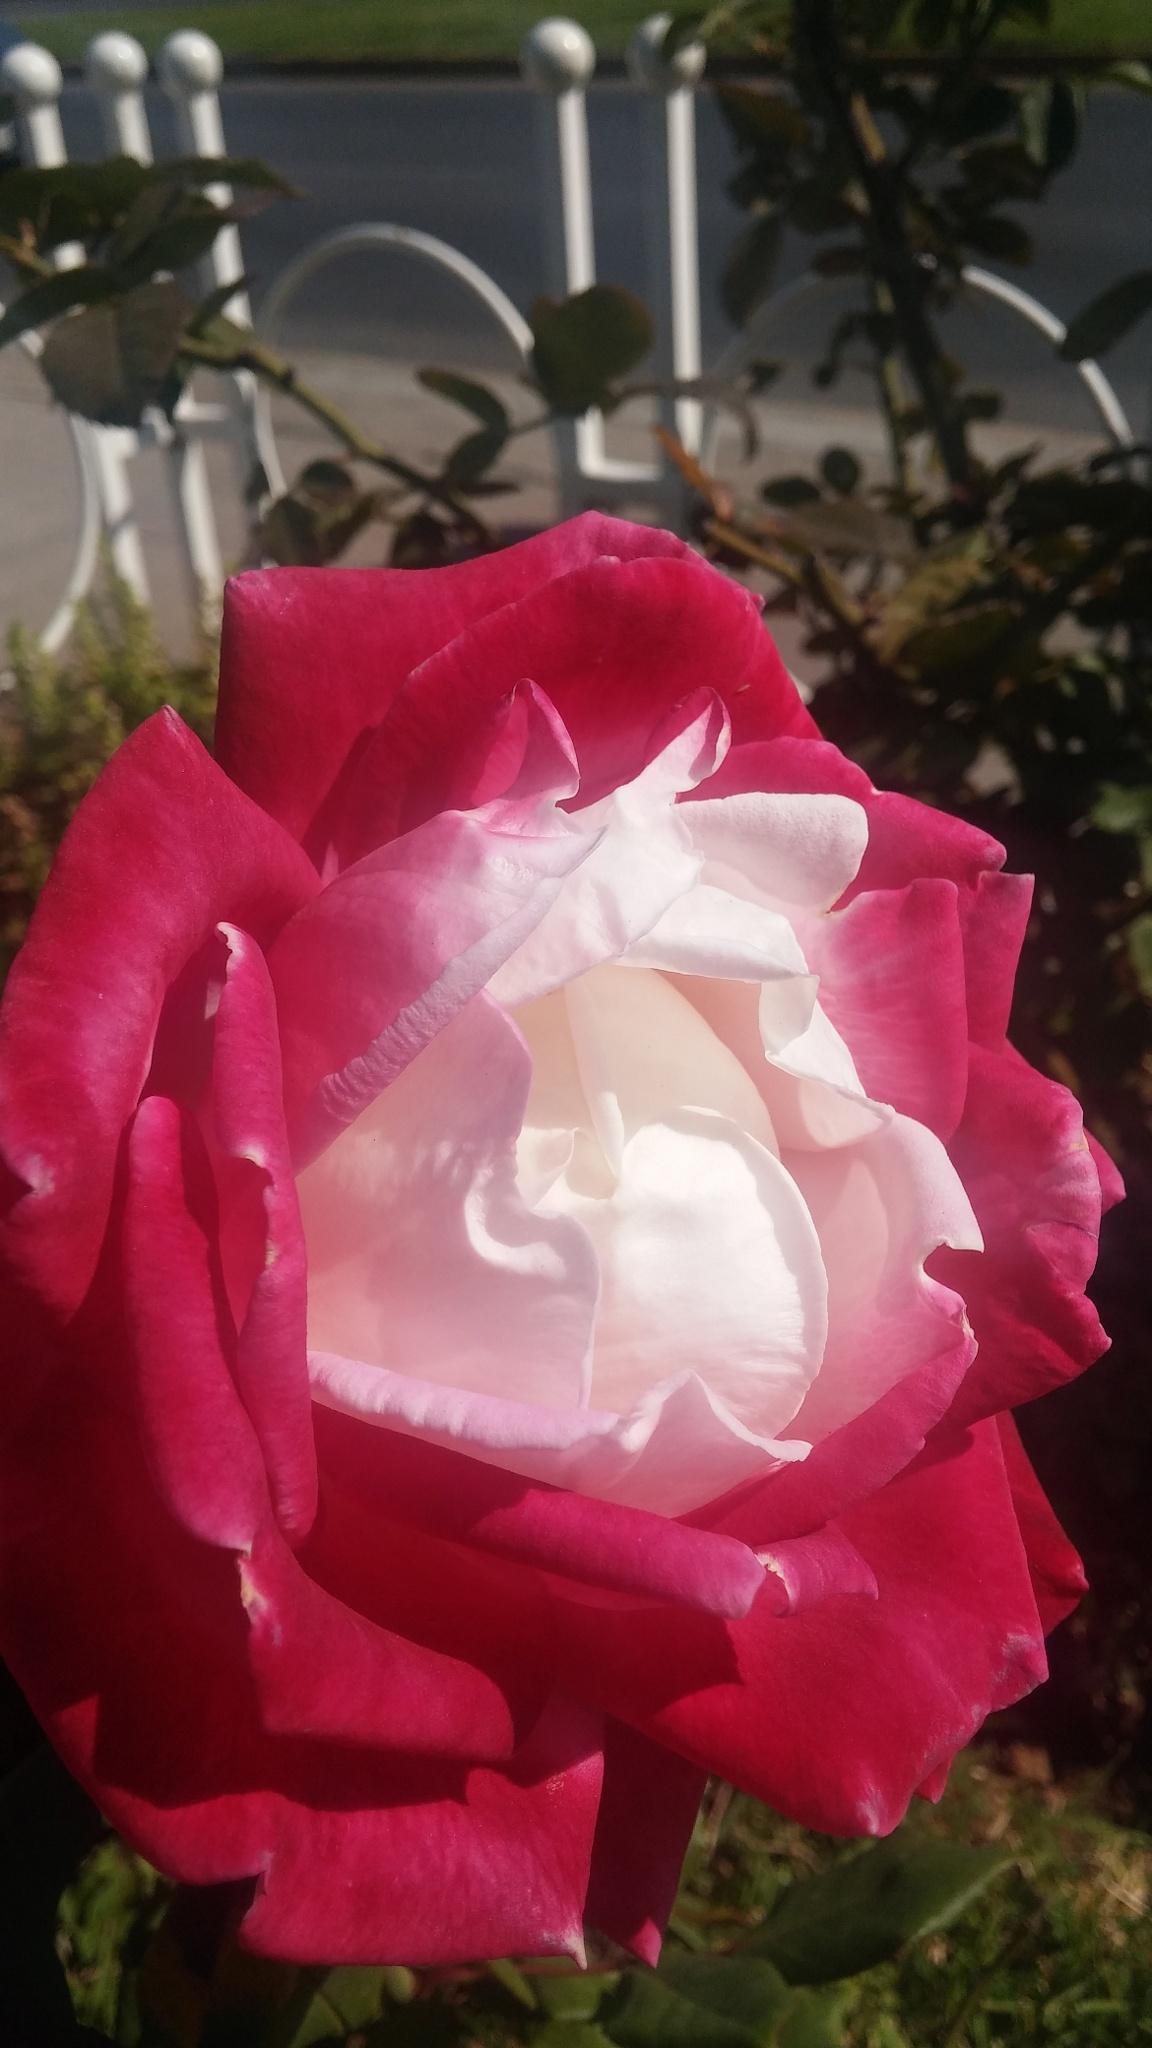 Rose by alvin.cordova.37